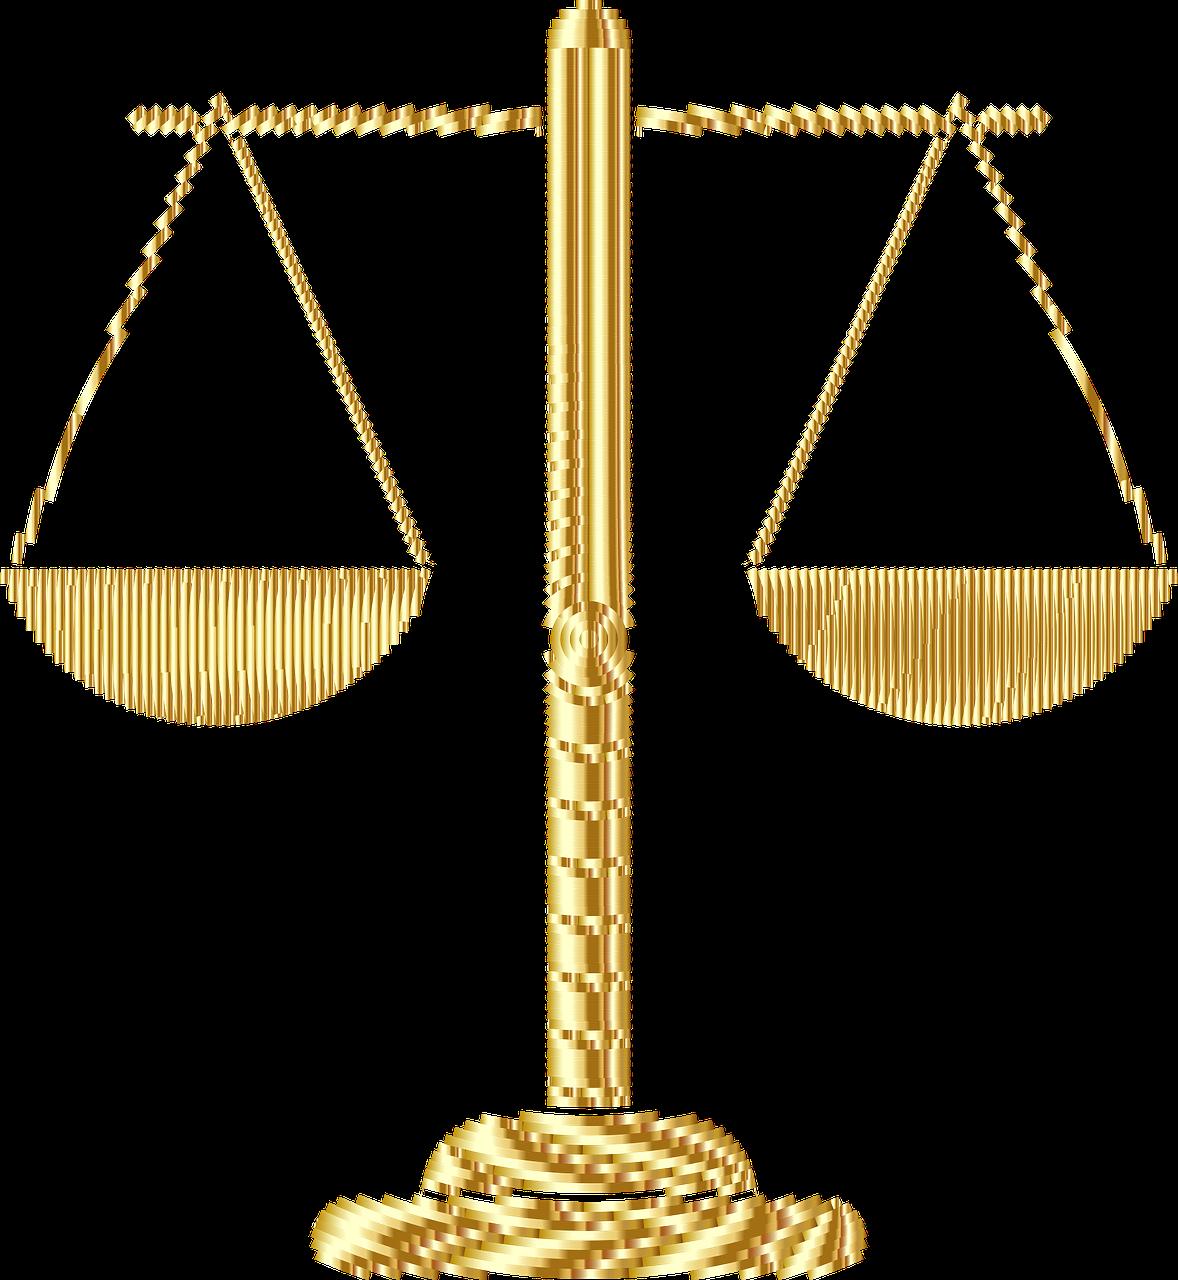 خصائص القانون التجاري